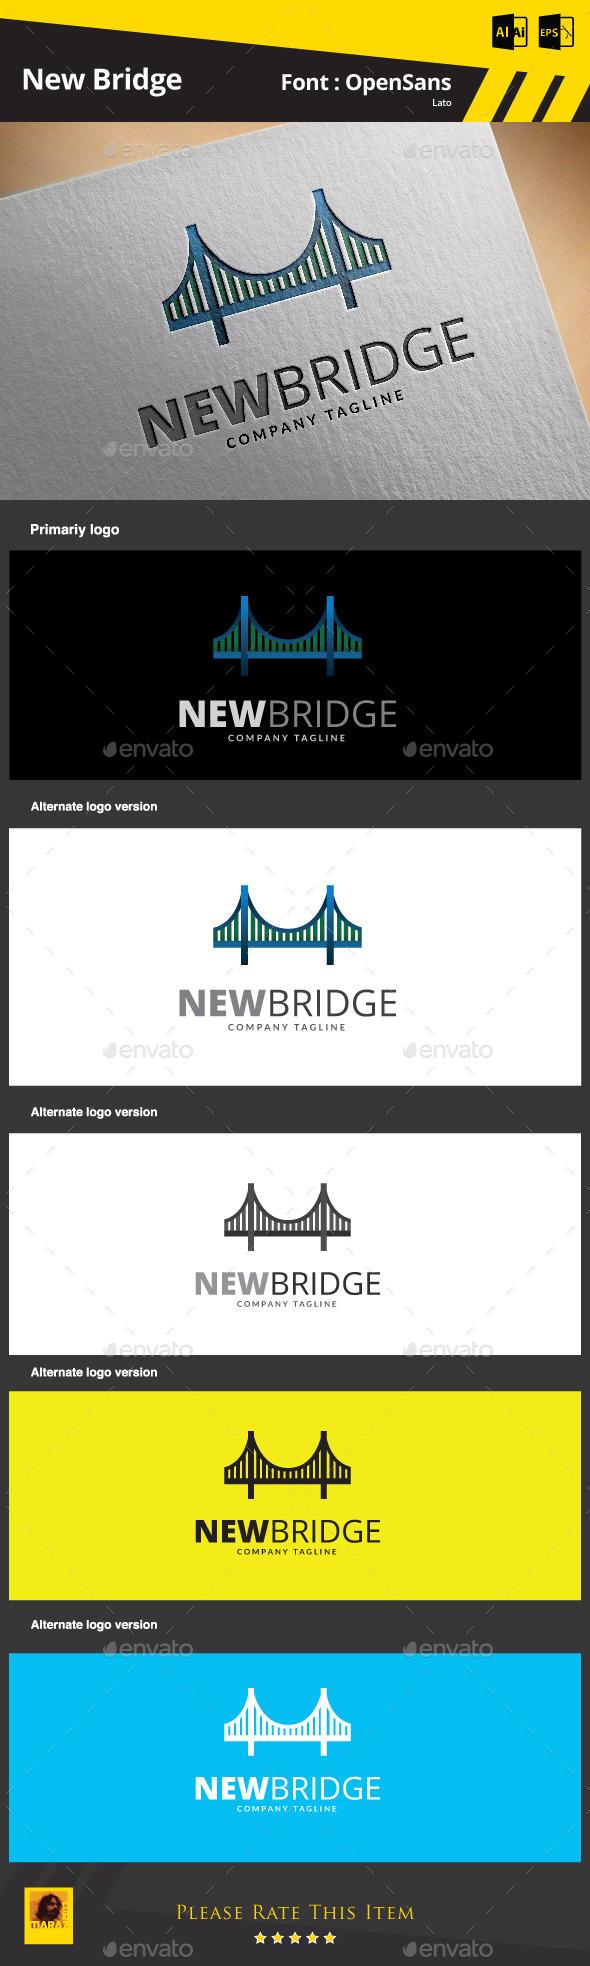 GraphicRiver New Bridge Logo Template 9292851